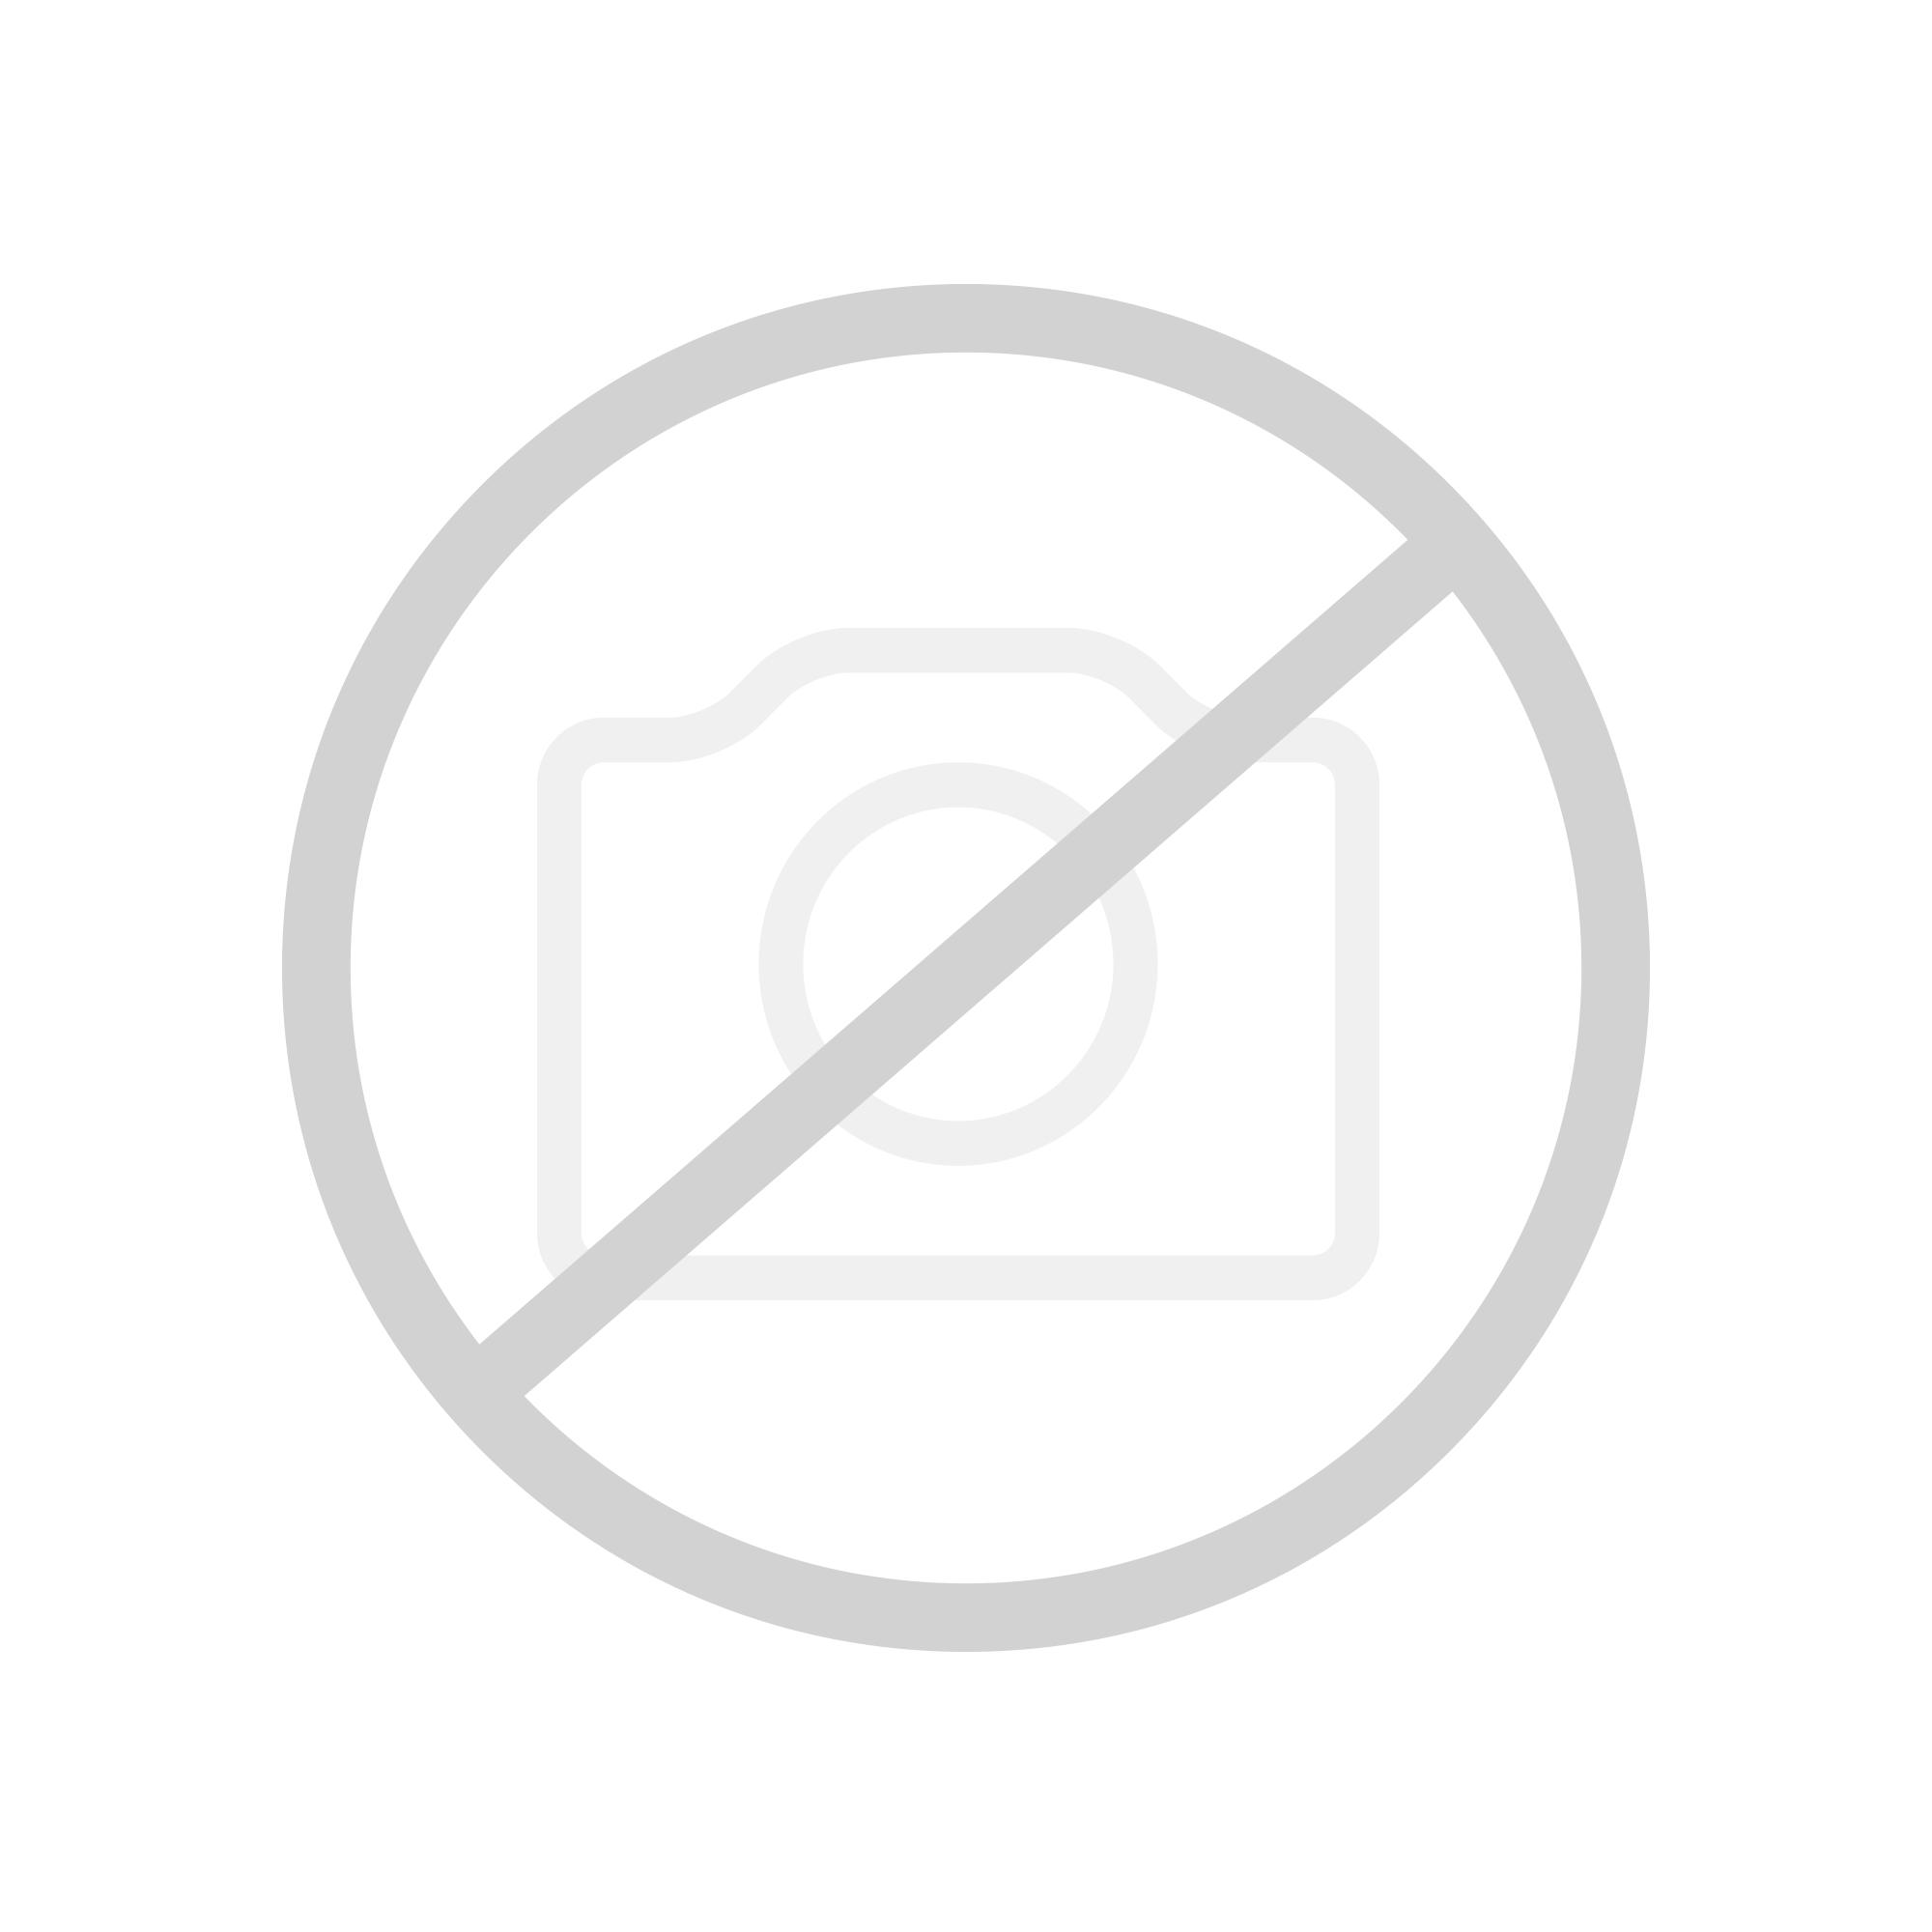 antoniolupi Ayati AY920 Wandauslauf für Becken Ausladung 120 mm für Unterputz edelstahl poliert